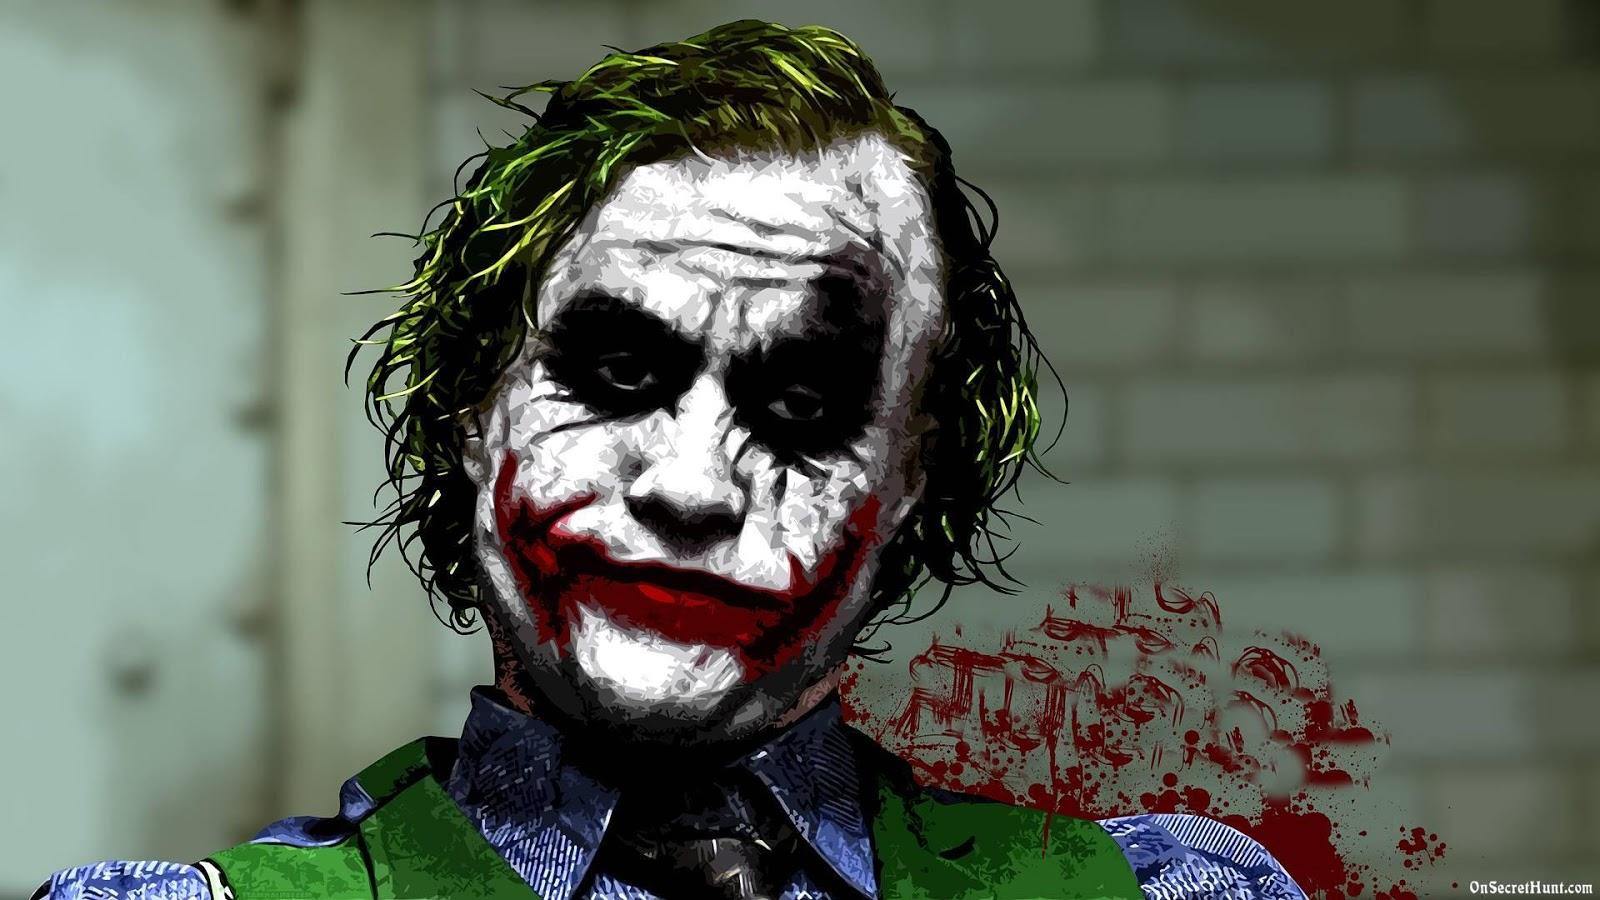 Hd wallpaper of joker - Joker Hd Wallpaper Screenshot